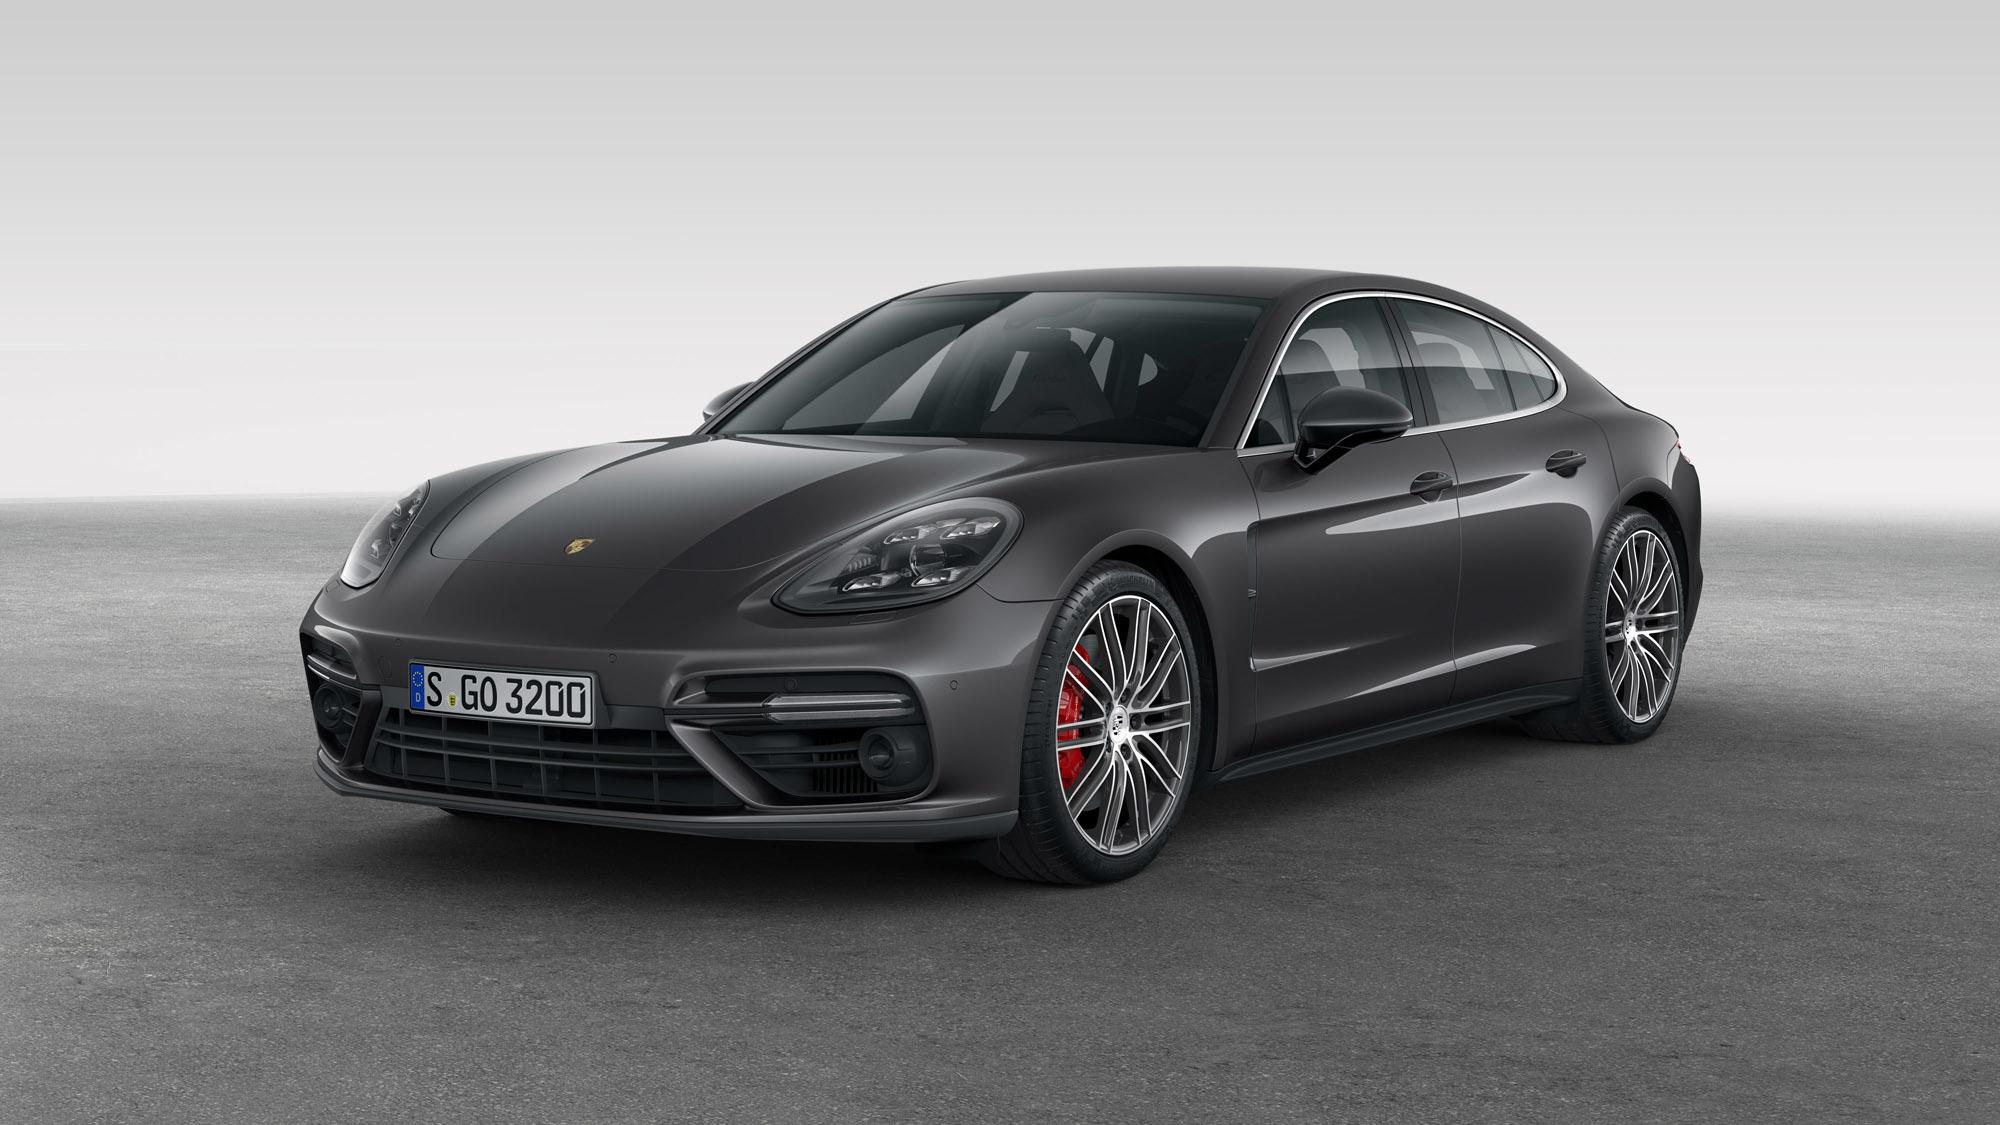 Porsche Panamera 2016 Images